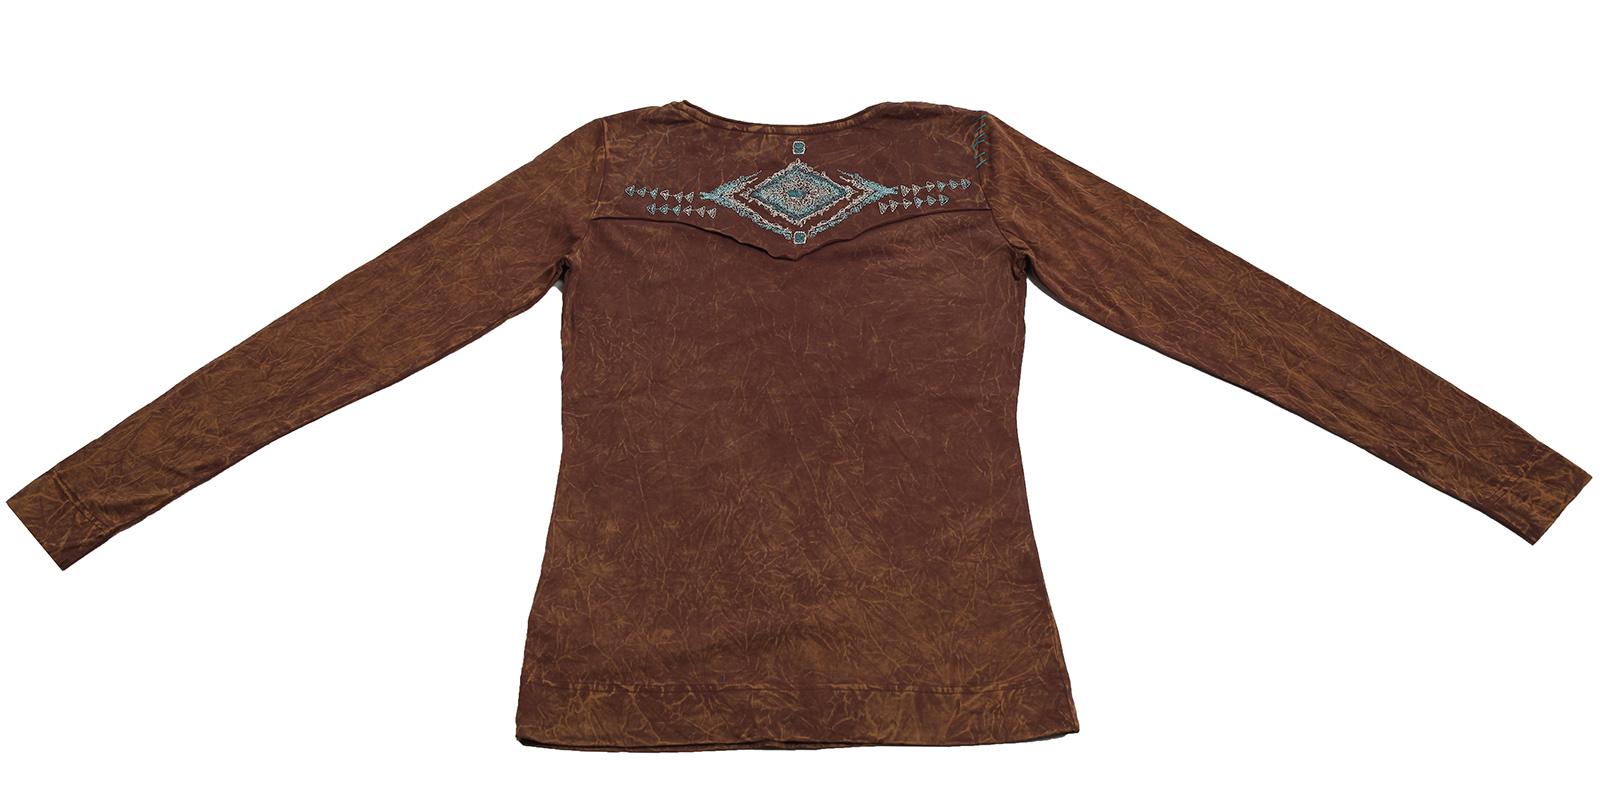 Купить базовую коричневую кофточку в стиле Casual от Panhandle Slim для смелых решений по лояльной цене